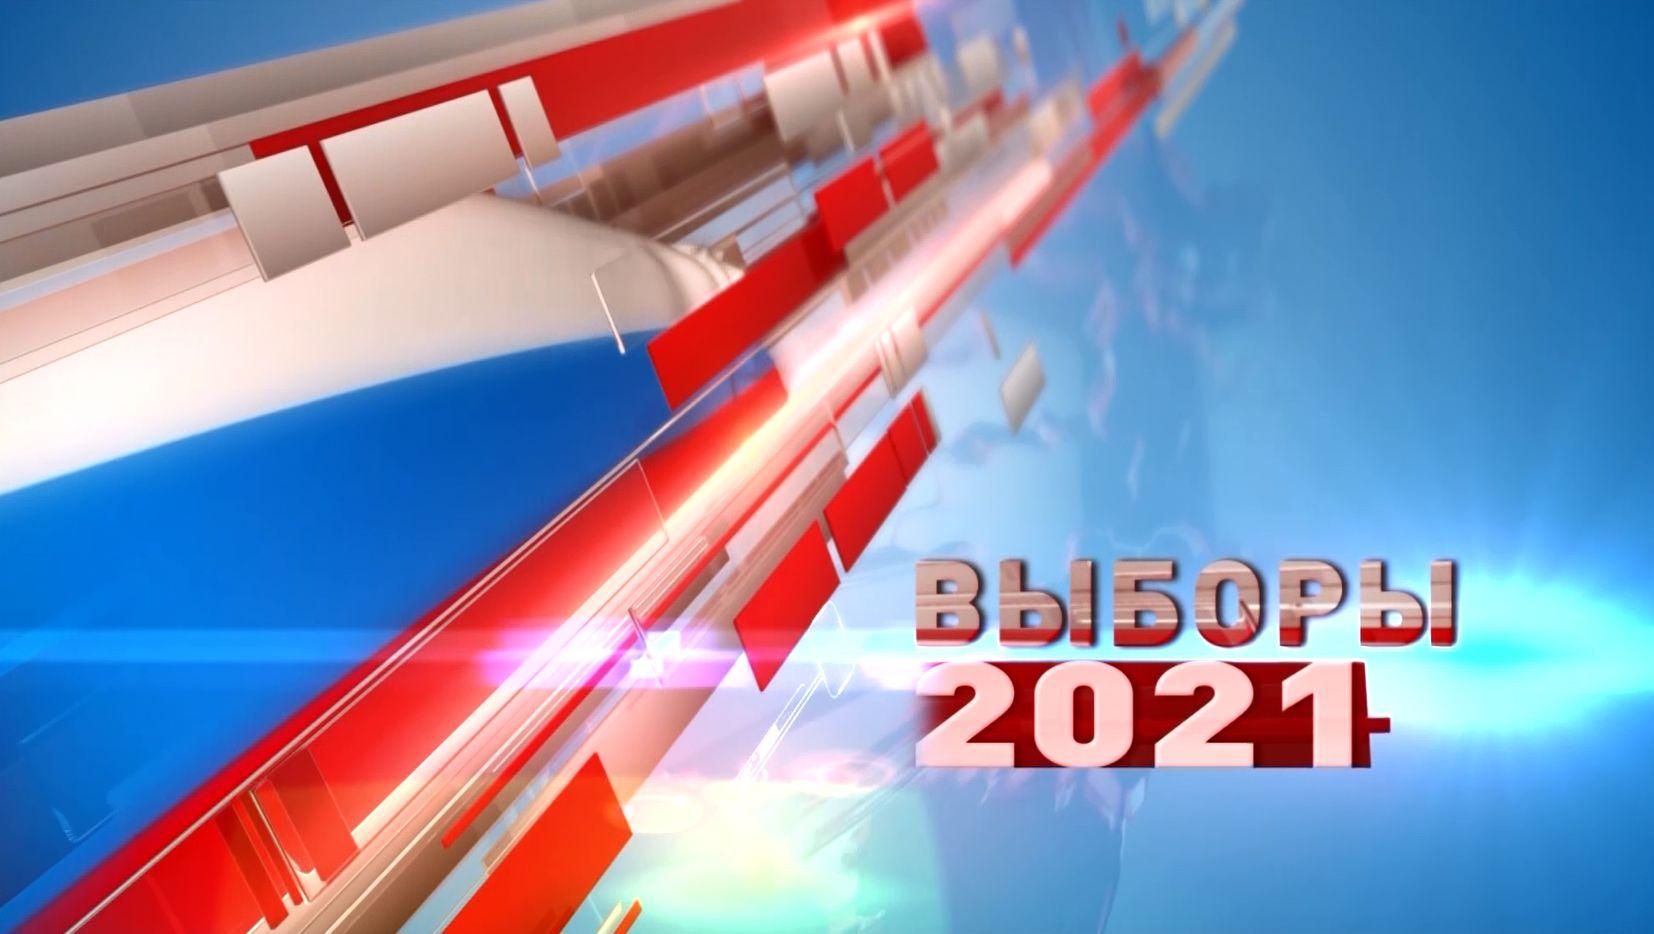 Информация для кандидатов, участвующих в дополнительных выборах депутата Ярославской областной Думы седьмого созыва по одномандатному избирательному округу № 18